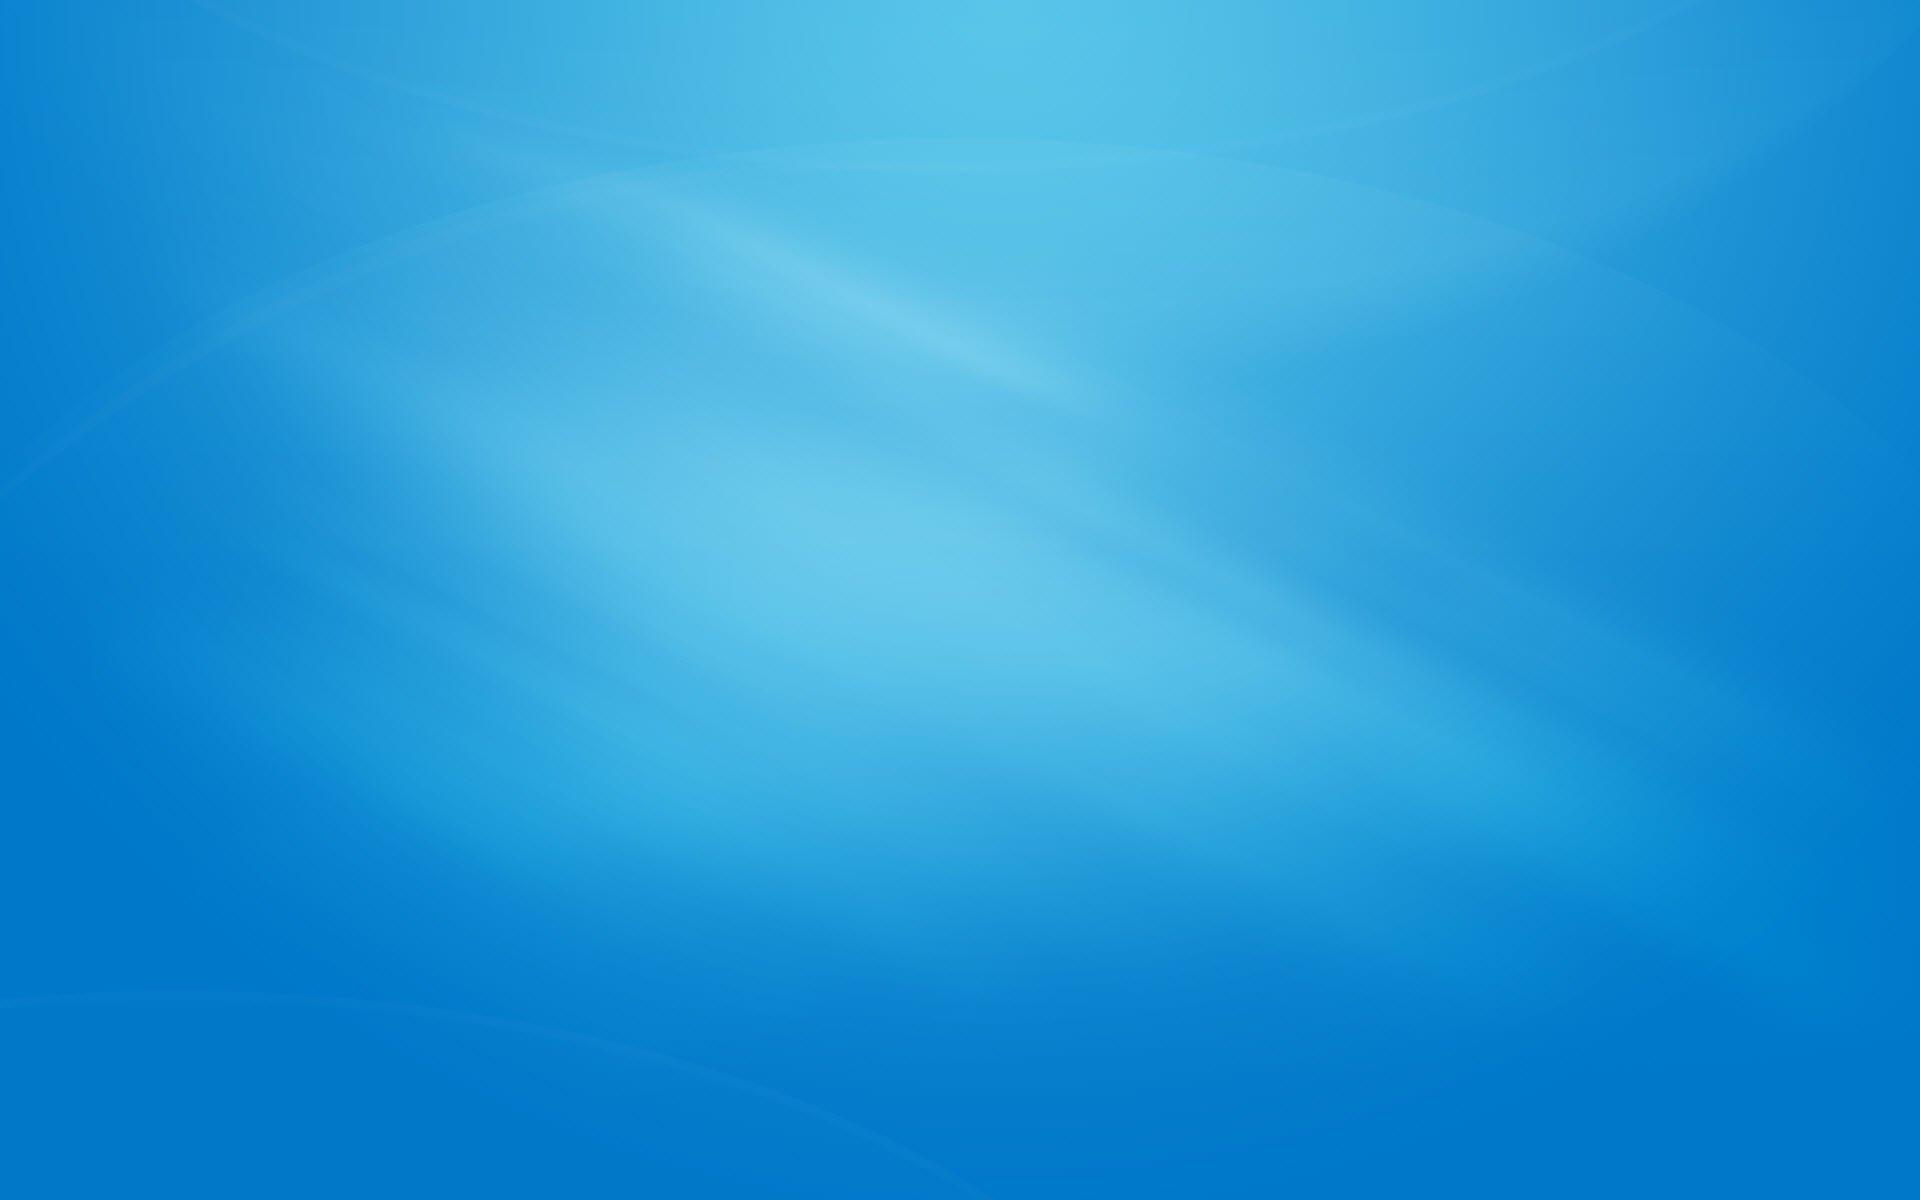 blue wallpaper 7 1920x1200